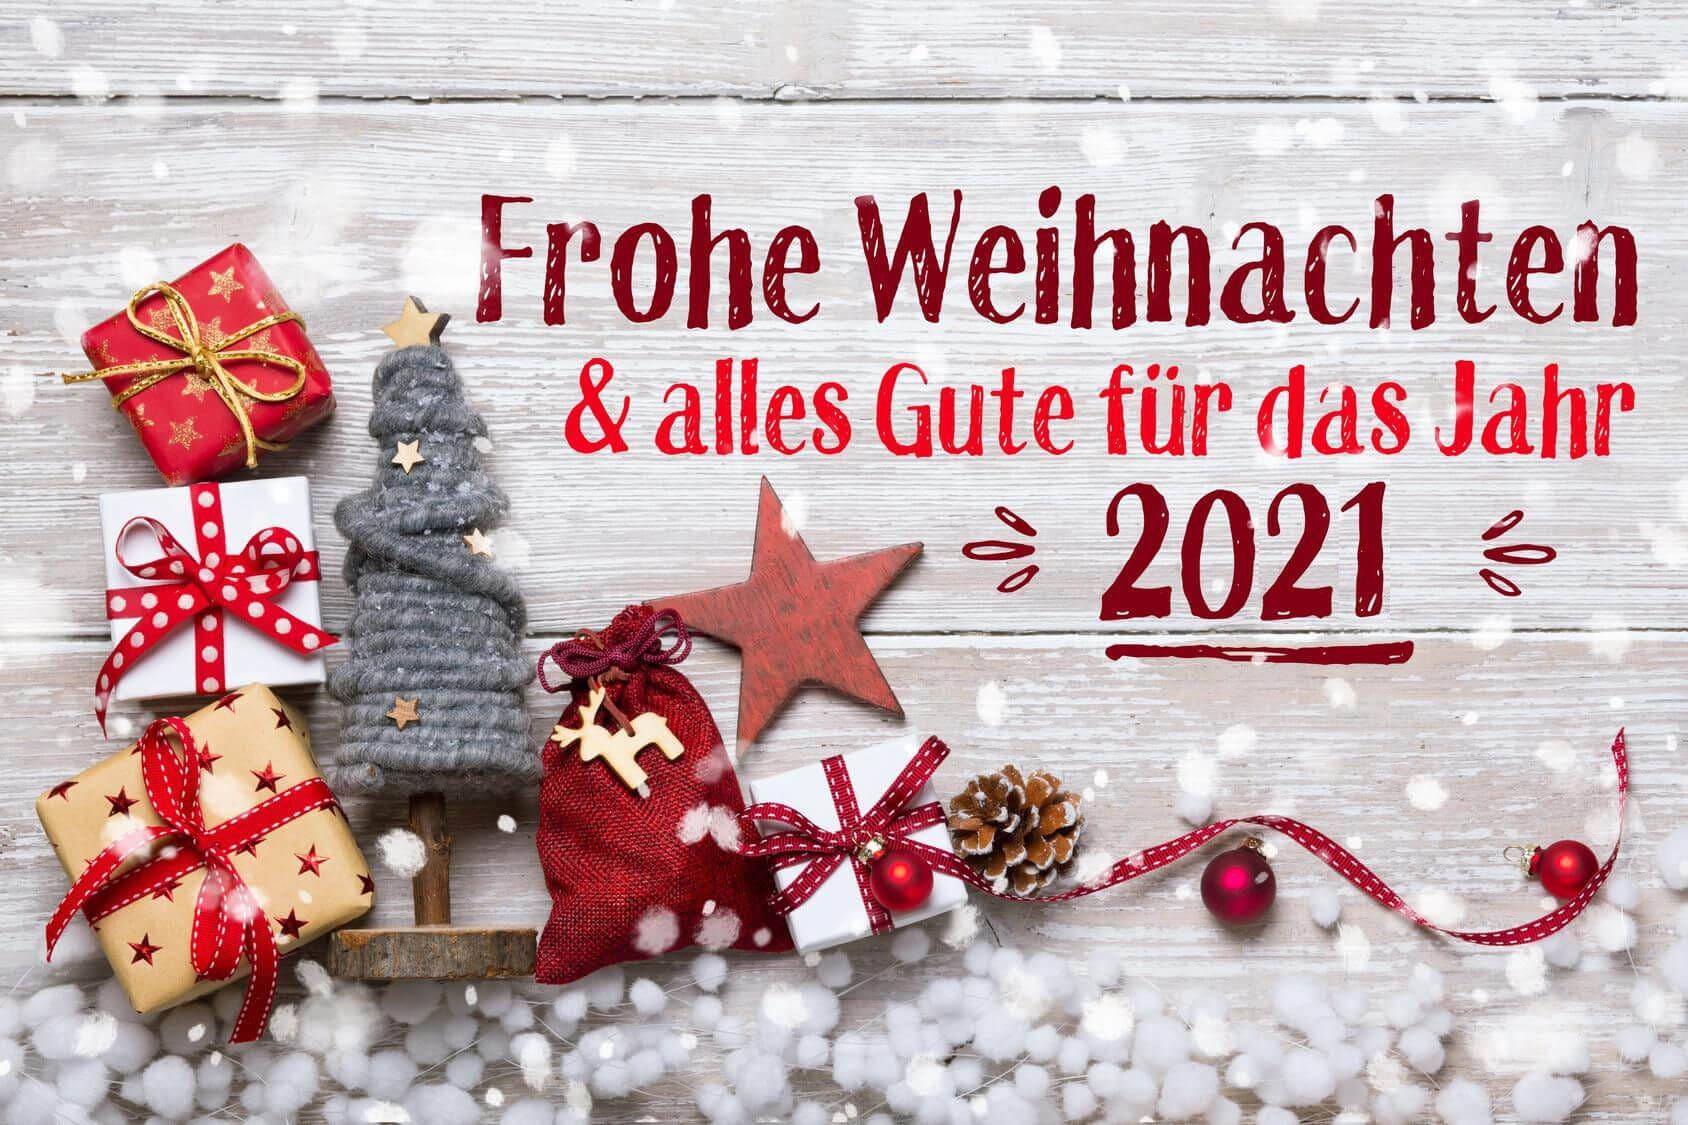 Frohe Weihnachten und alles Gute für das Jahr 2021 1